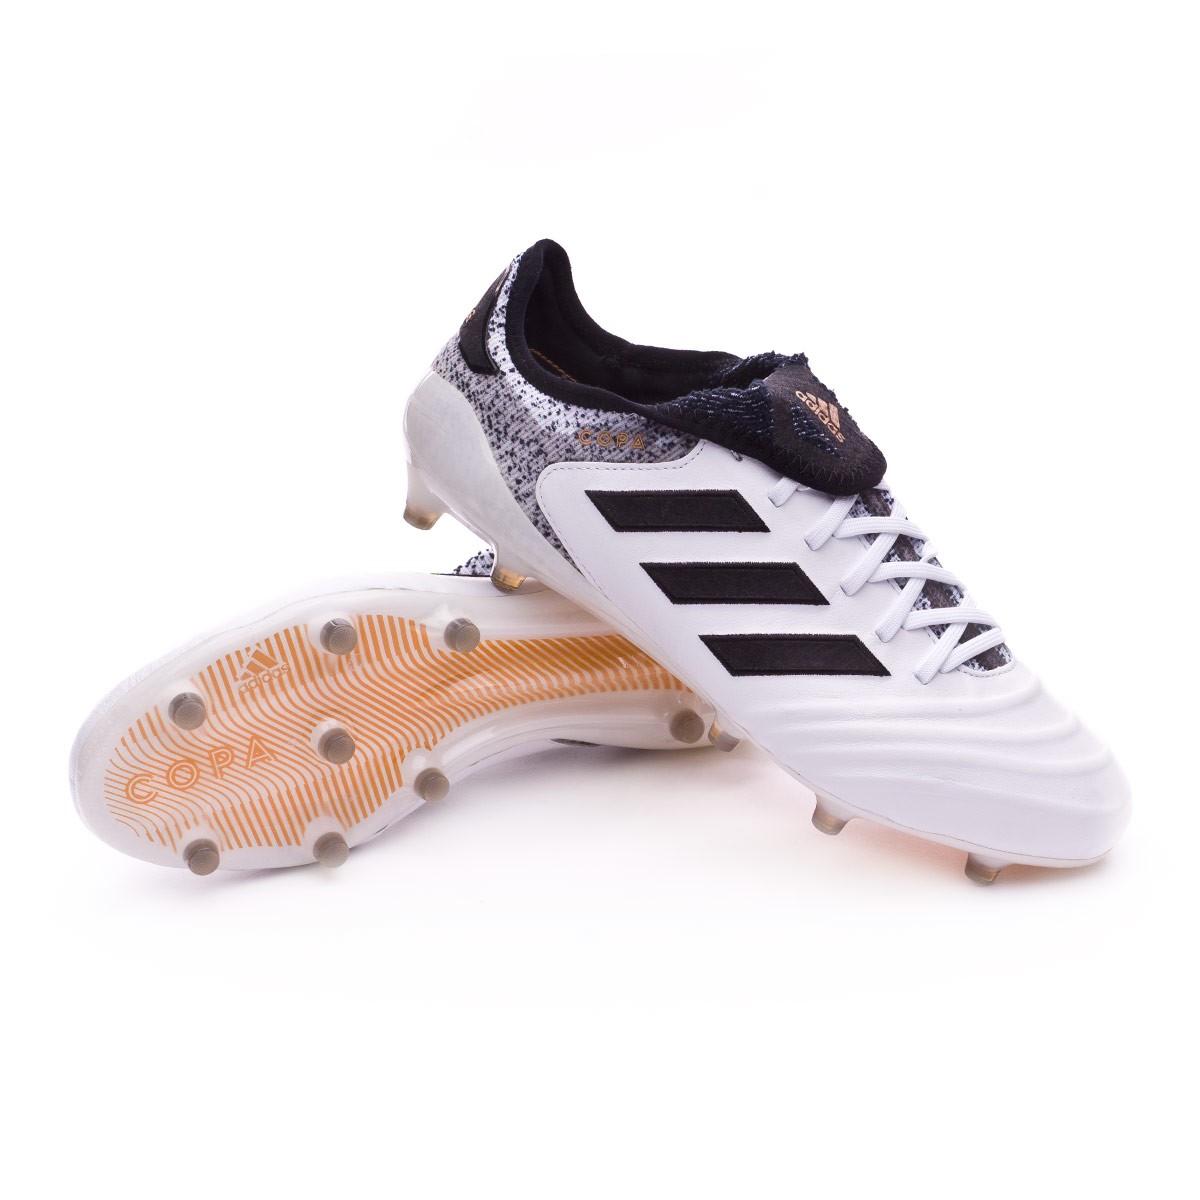 new arrival d618c 8f011 adidas Copa 18.1 FG Boot